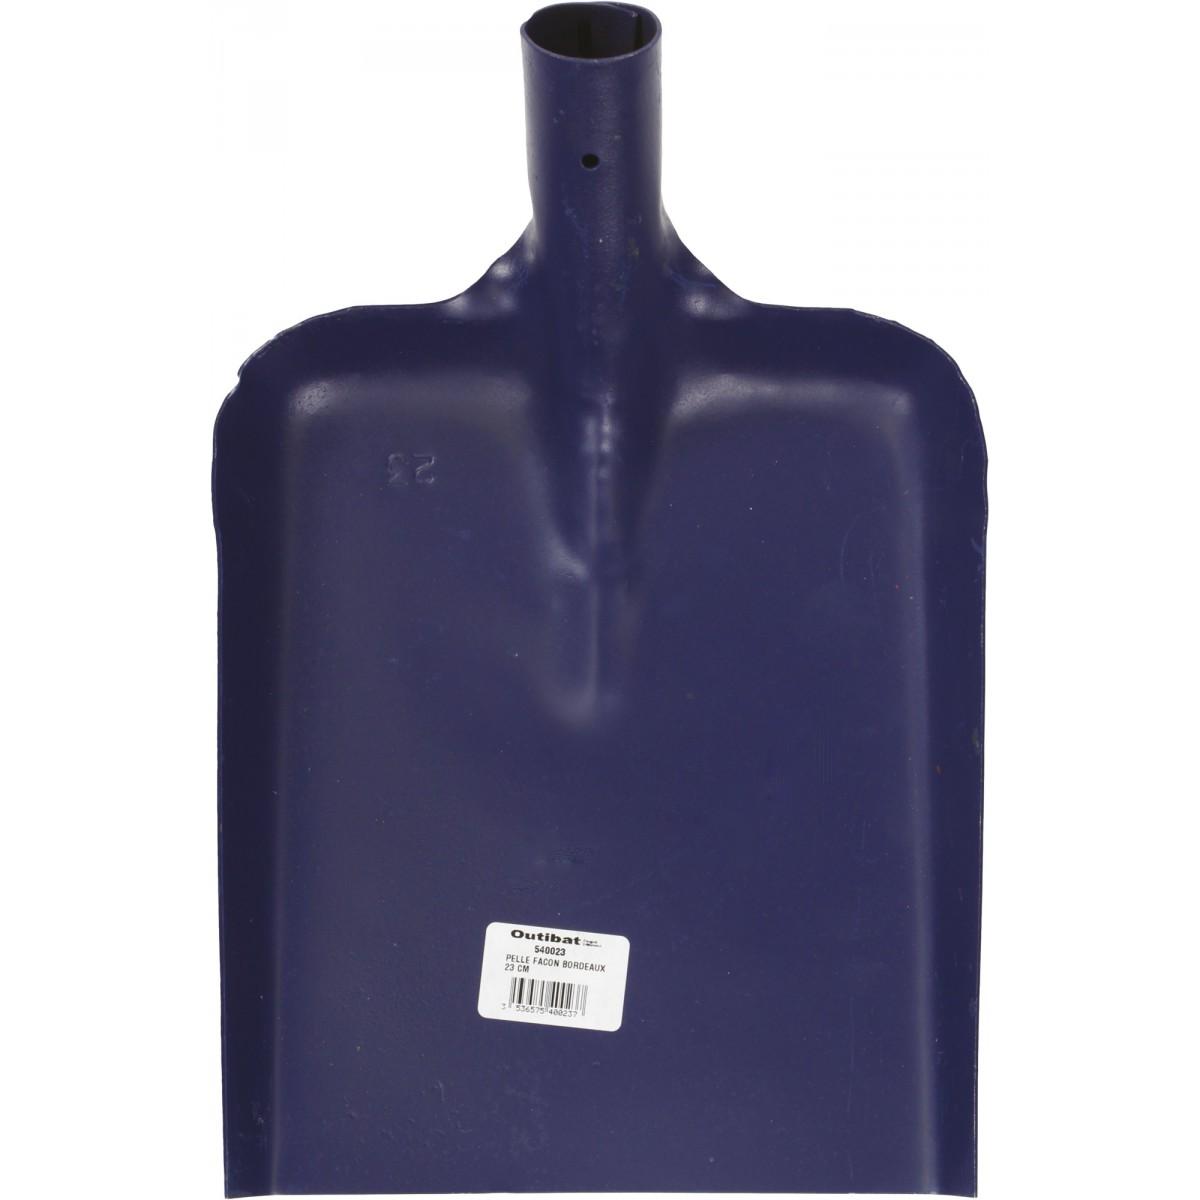 Pelle façon Bordeaux Outibat - Dimensions 21 cm